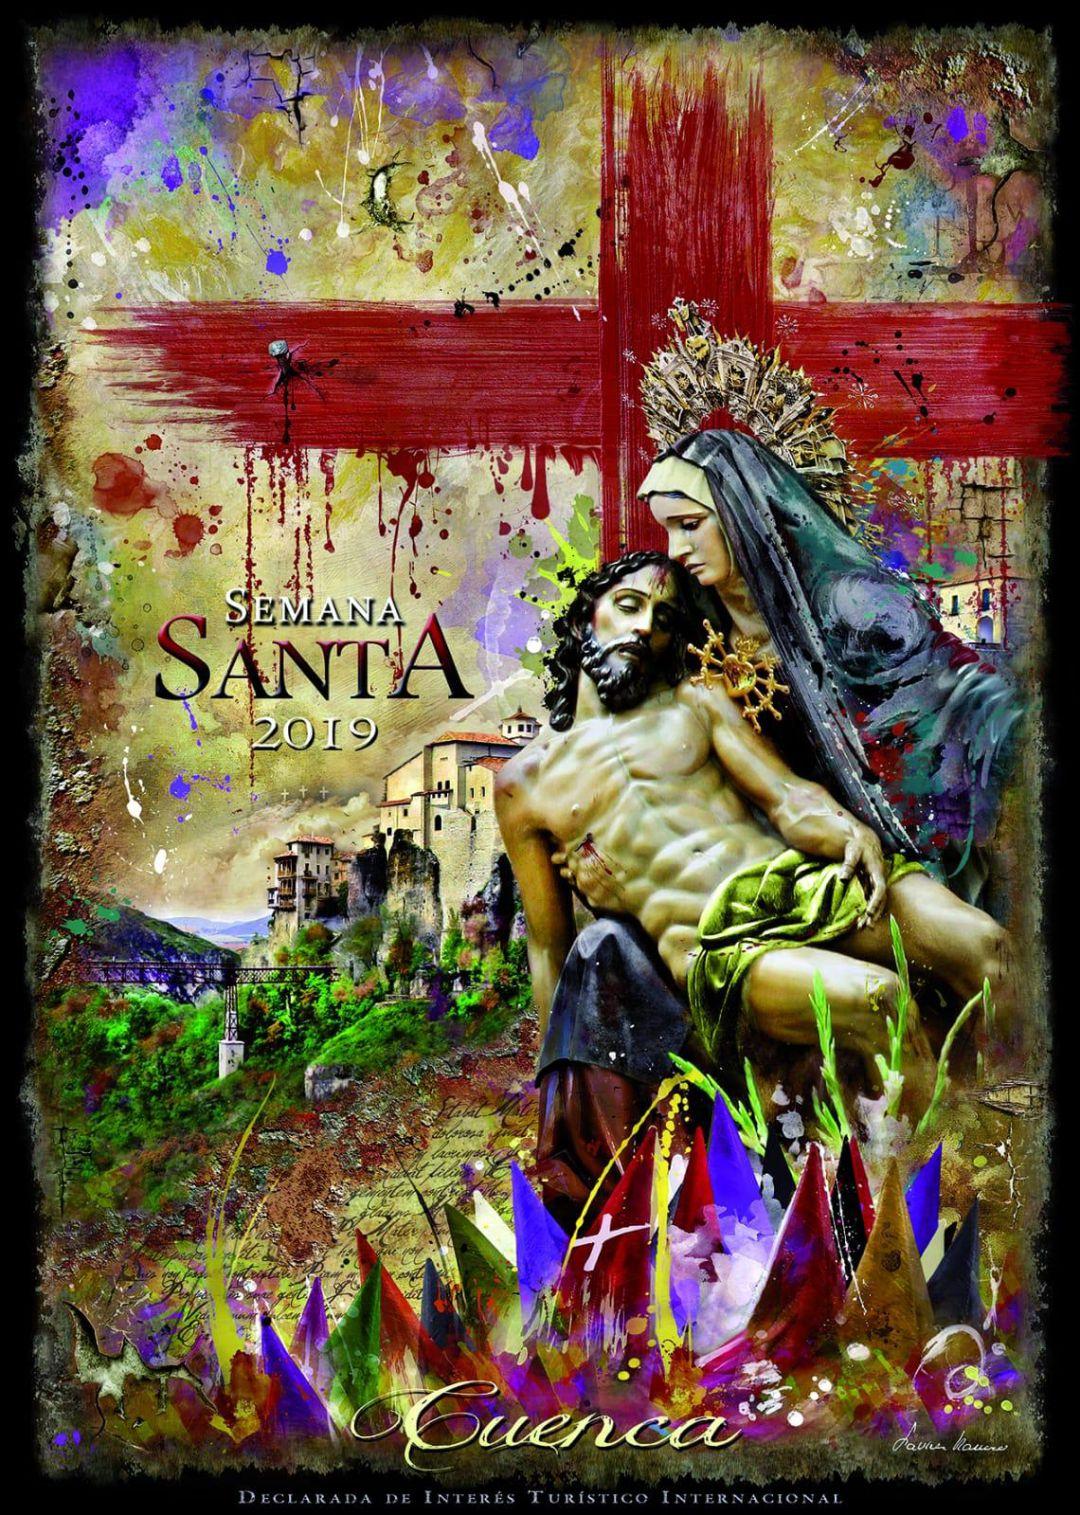 La Virgen de las Angustias, protagonista del cartel de la Semana Santa 2019